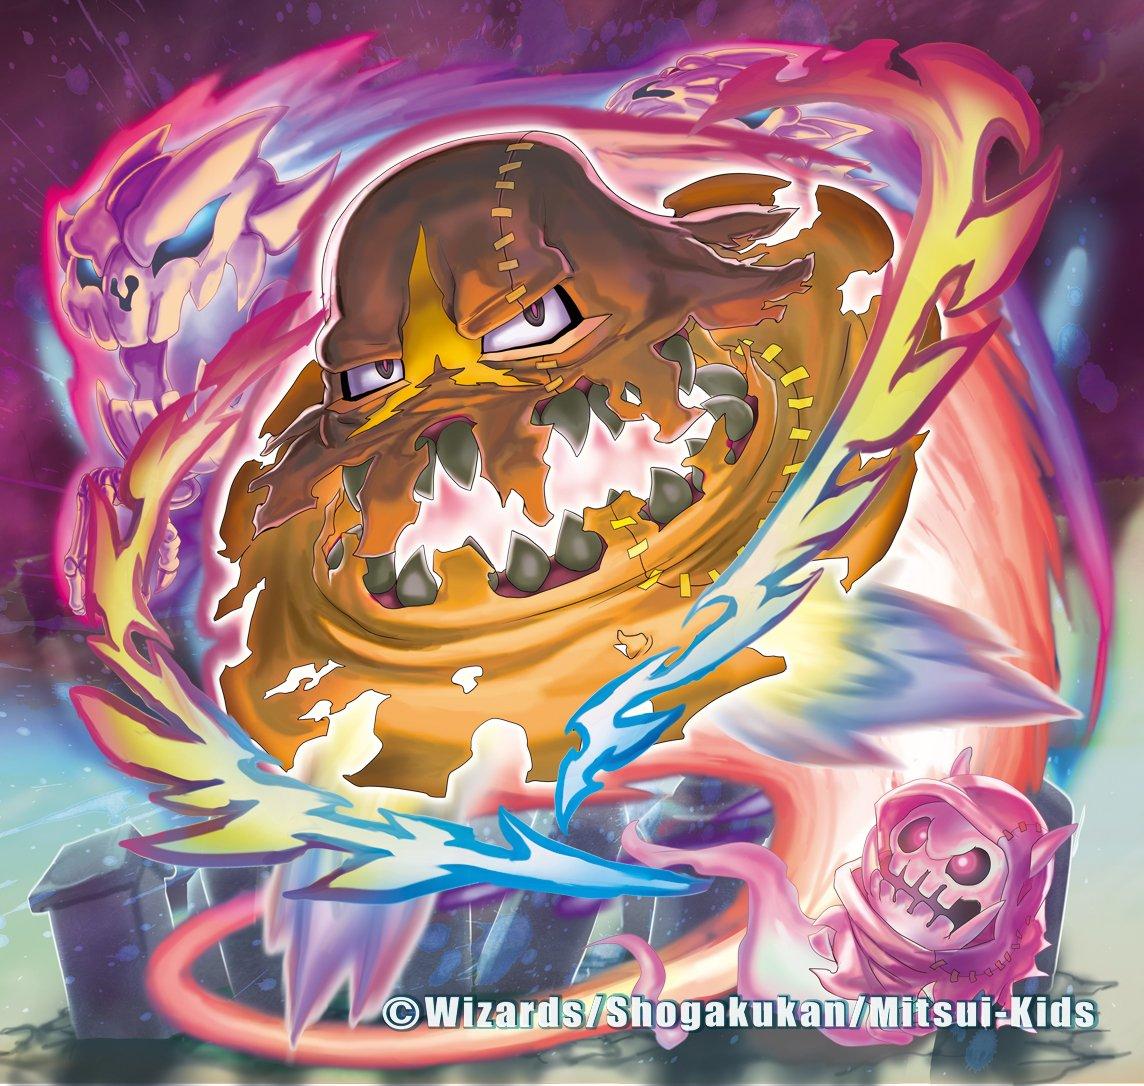 本日9月16日発売!デュエル・マスターズ 気分J・O・E×2メラ冒険!!にて、「ジャババ・ハット」「次元波導魔法HAL」